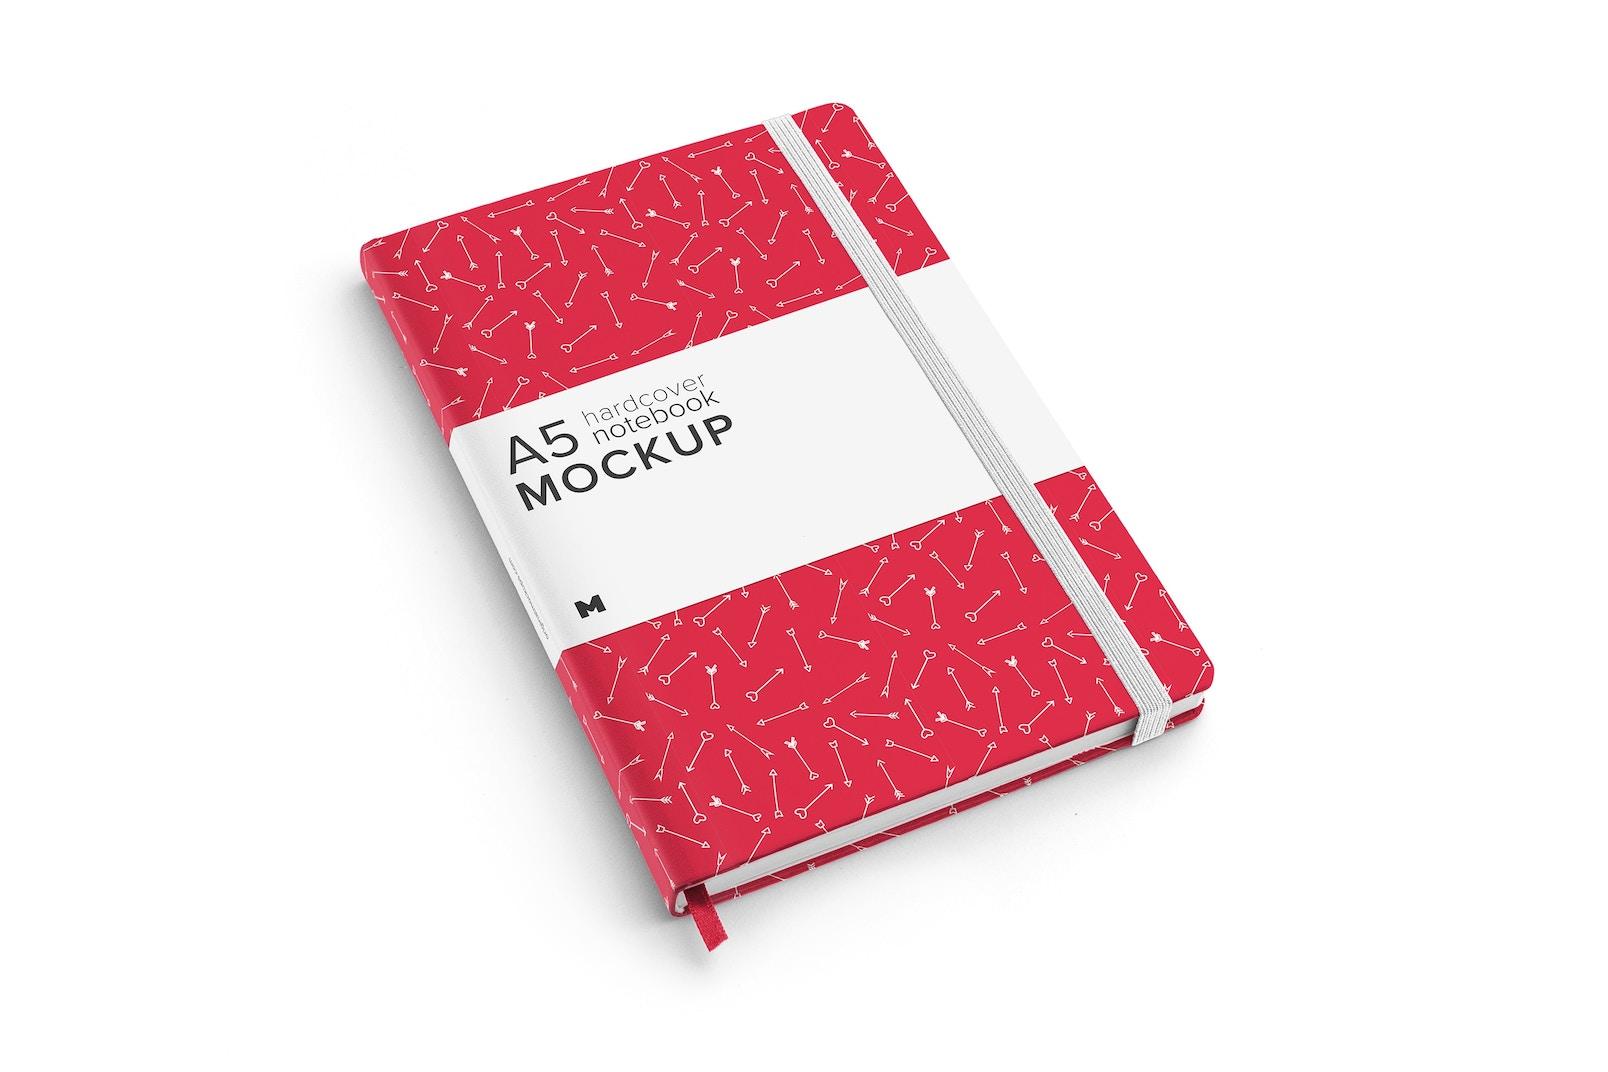 Maqueta de Cuaderno de tapa dura A5